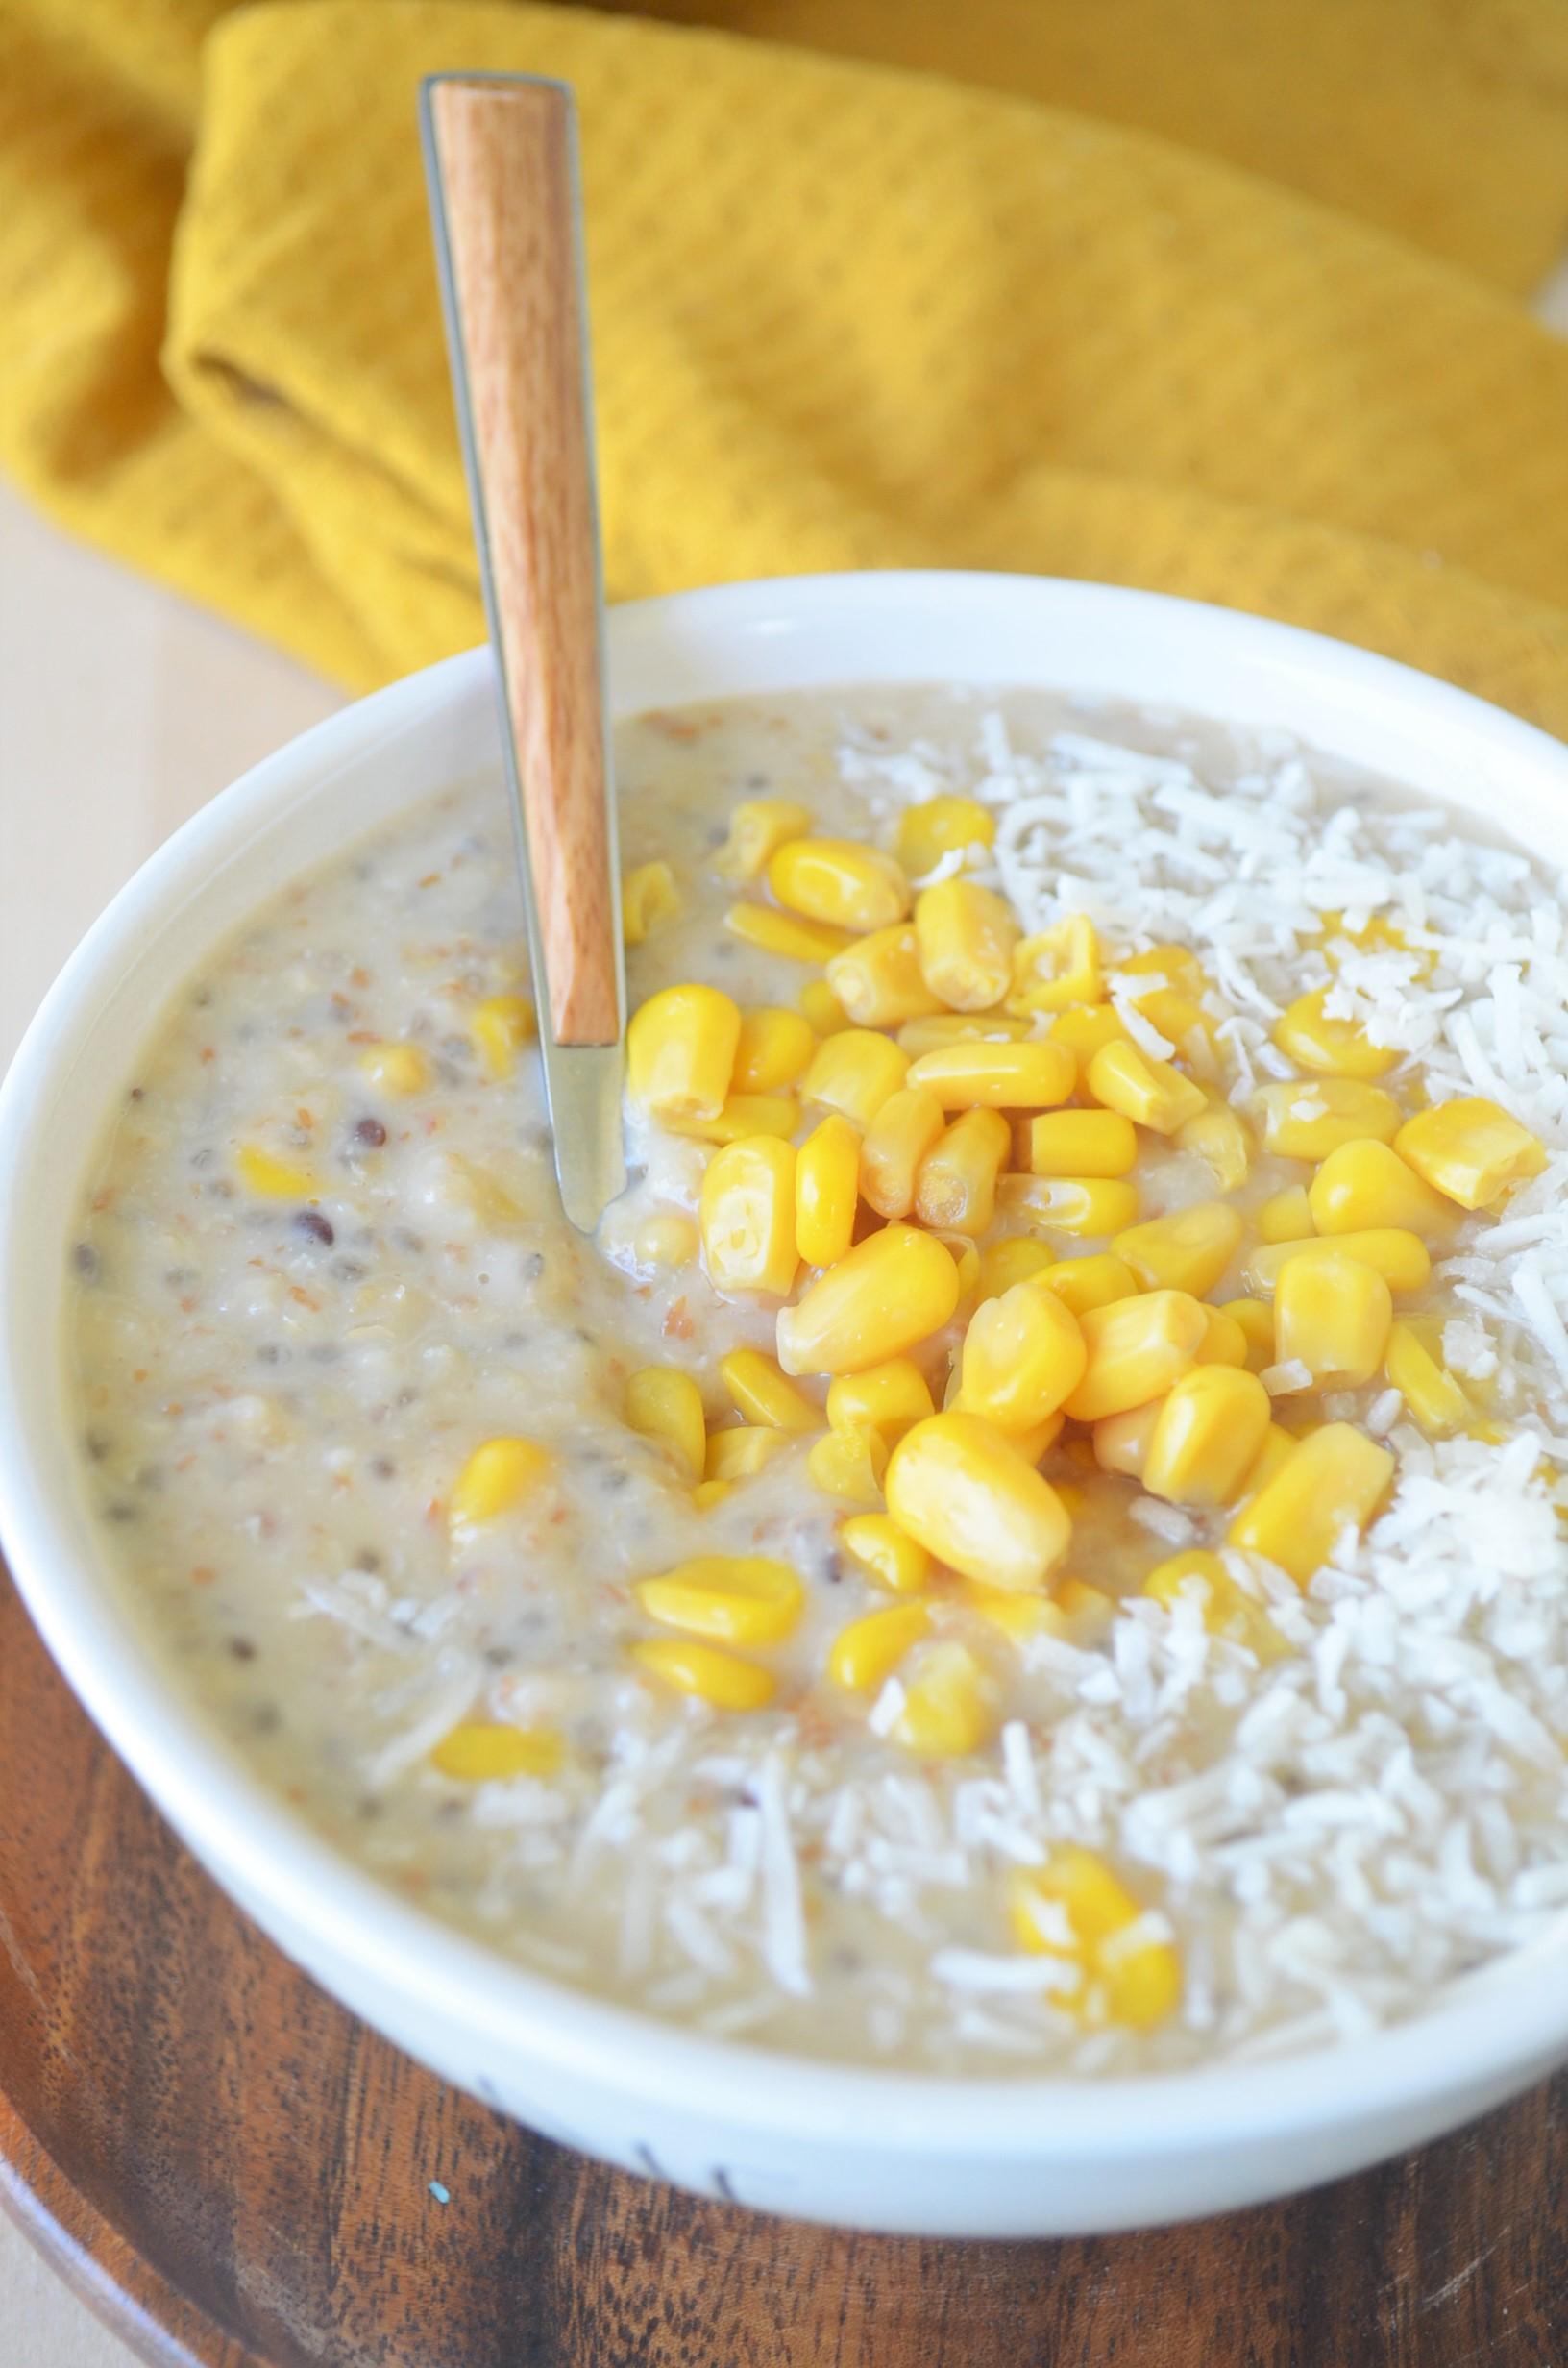 Sweet Corn Oatmeal For One